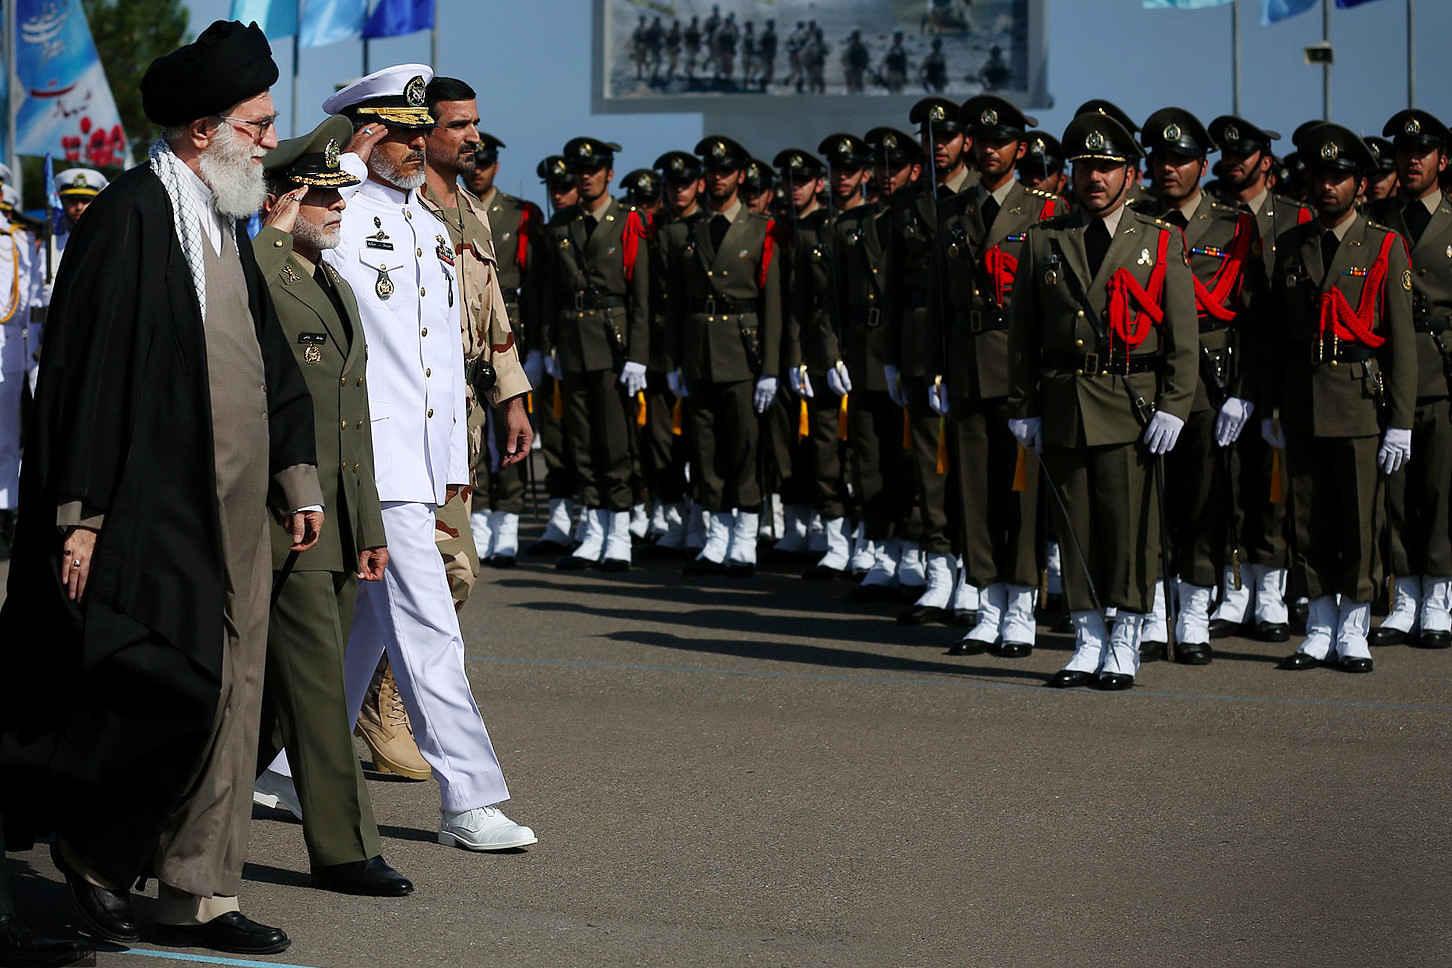 القوات المسلحة الإيرانية حصون للشعب عكس حال القوات المسلحة في العديد من البلدان